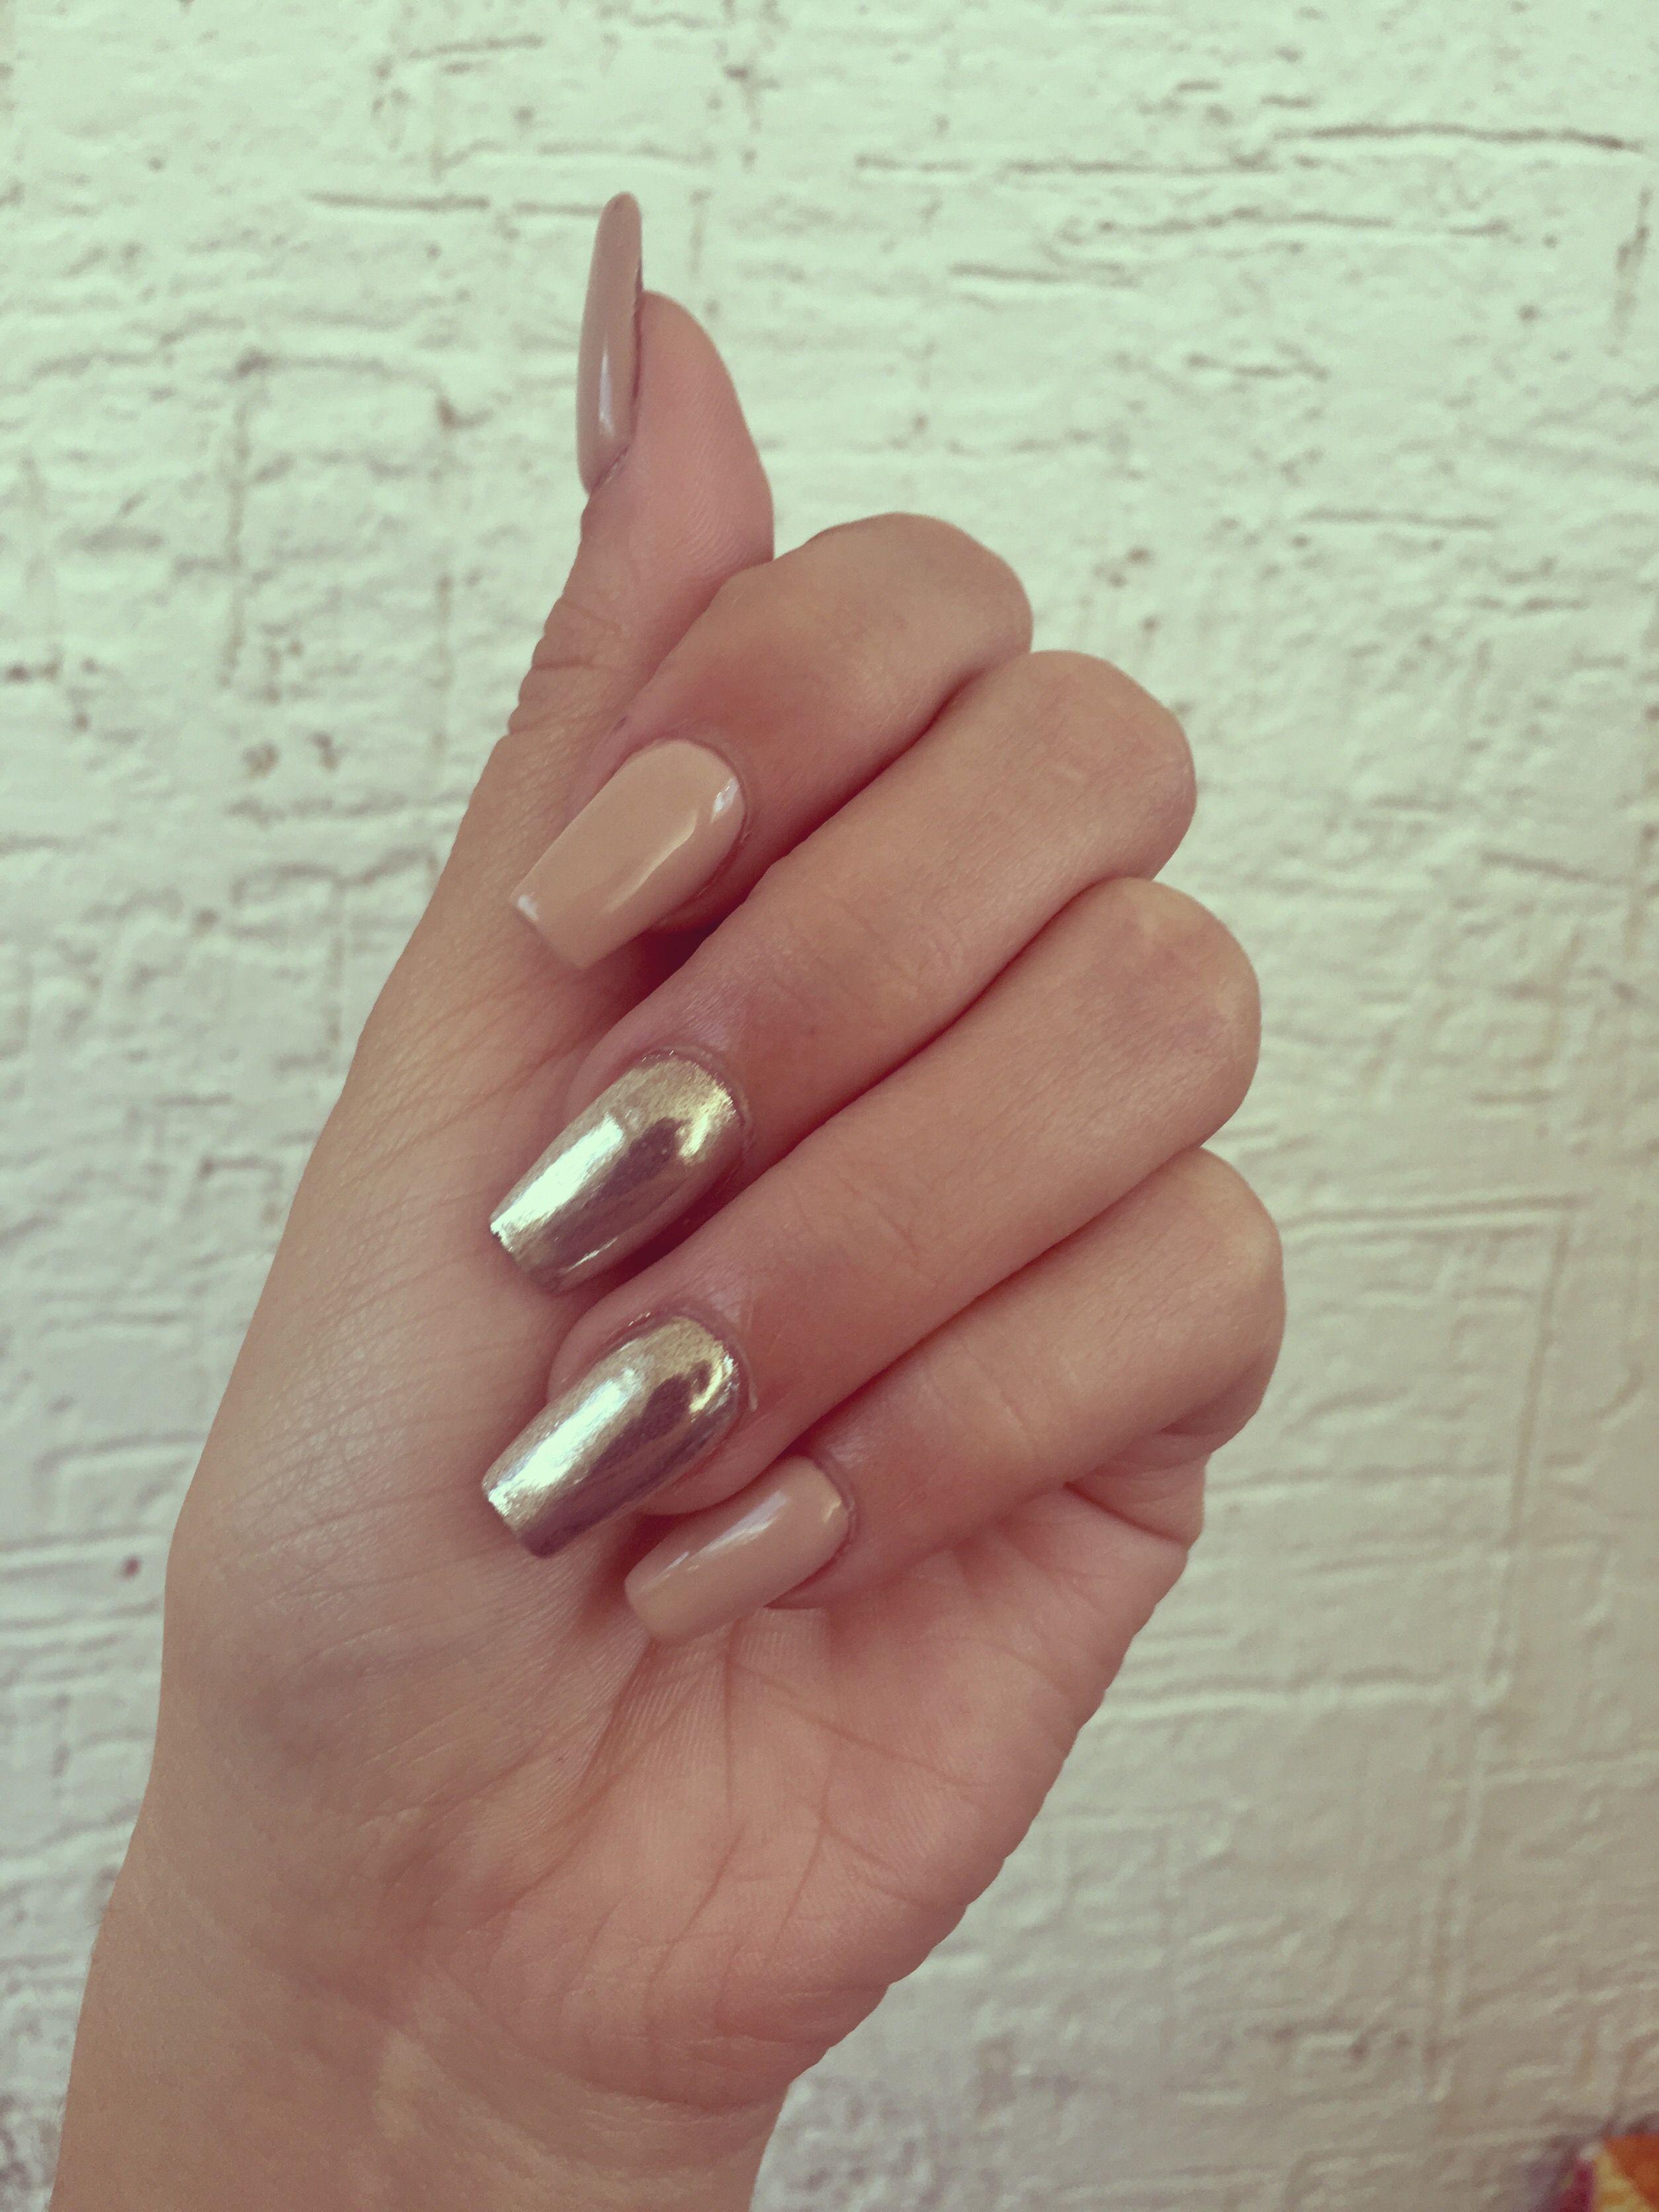 Efecto espejo | Nails | Pinterest | Diseños de uñas, Manicuras y Uña ...